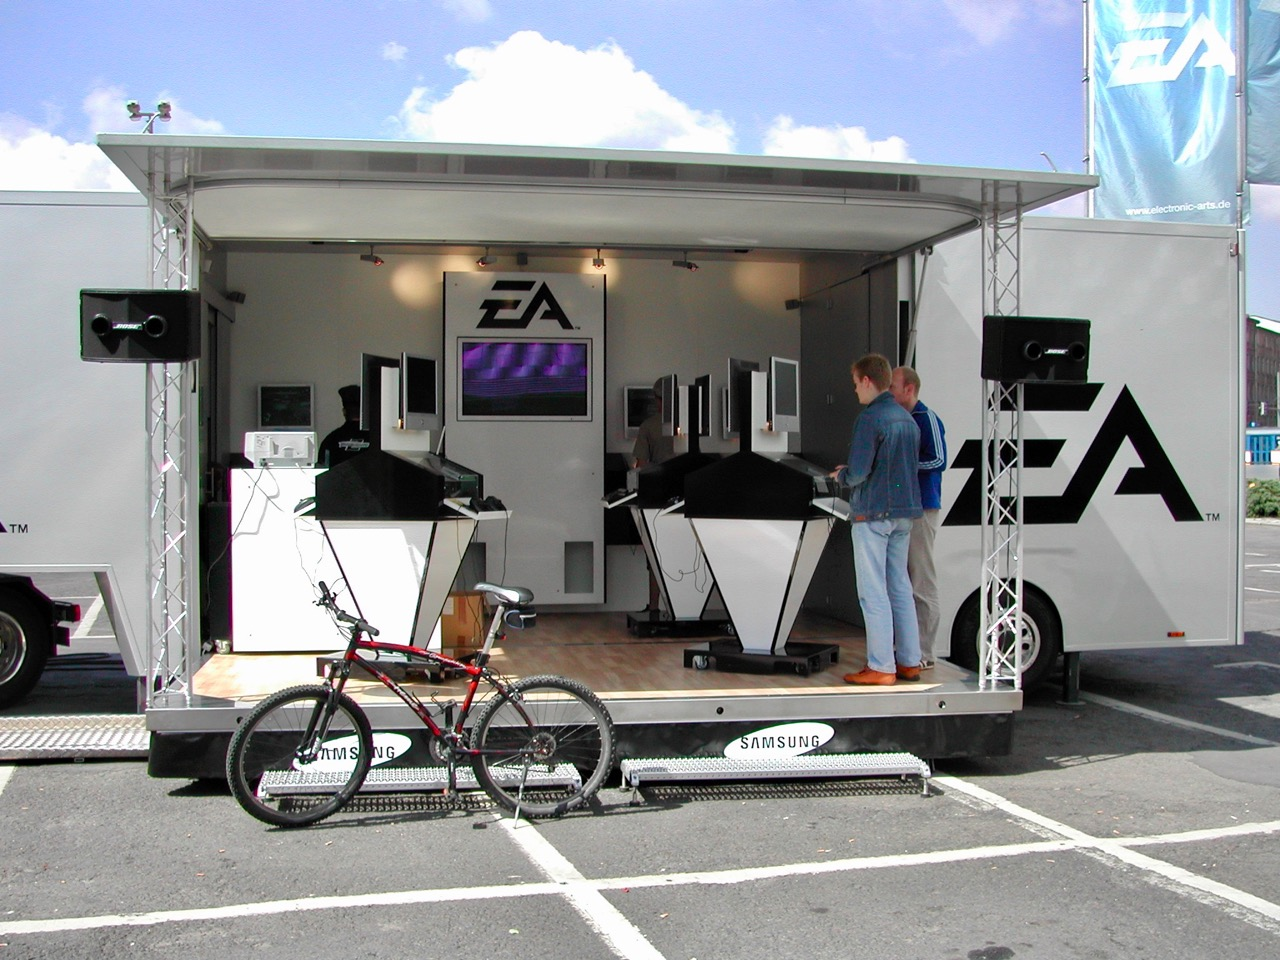 Ein Truck mit Konsolen zum Spielen von EA. (Bild: André Eymann)